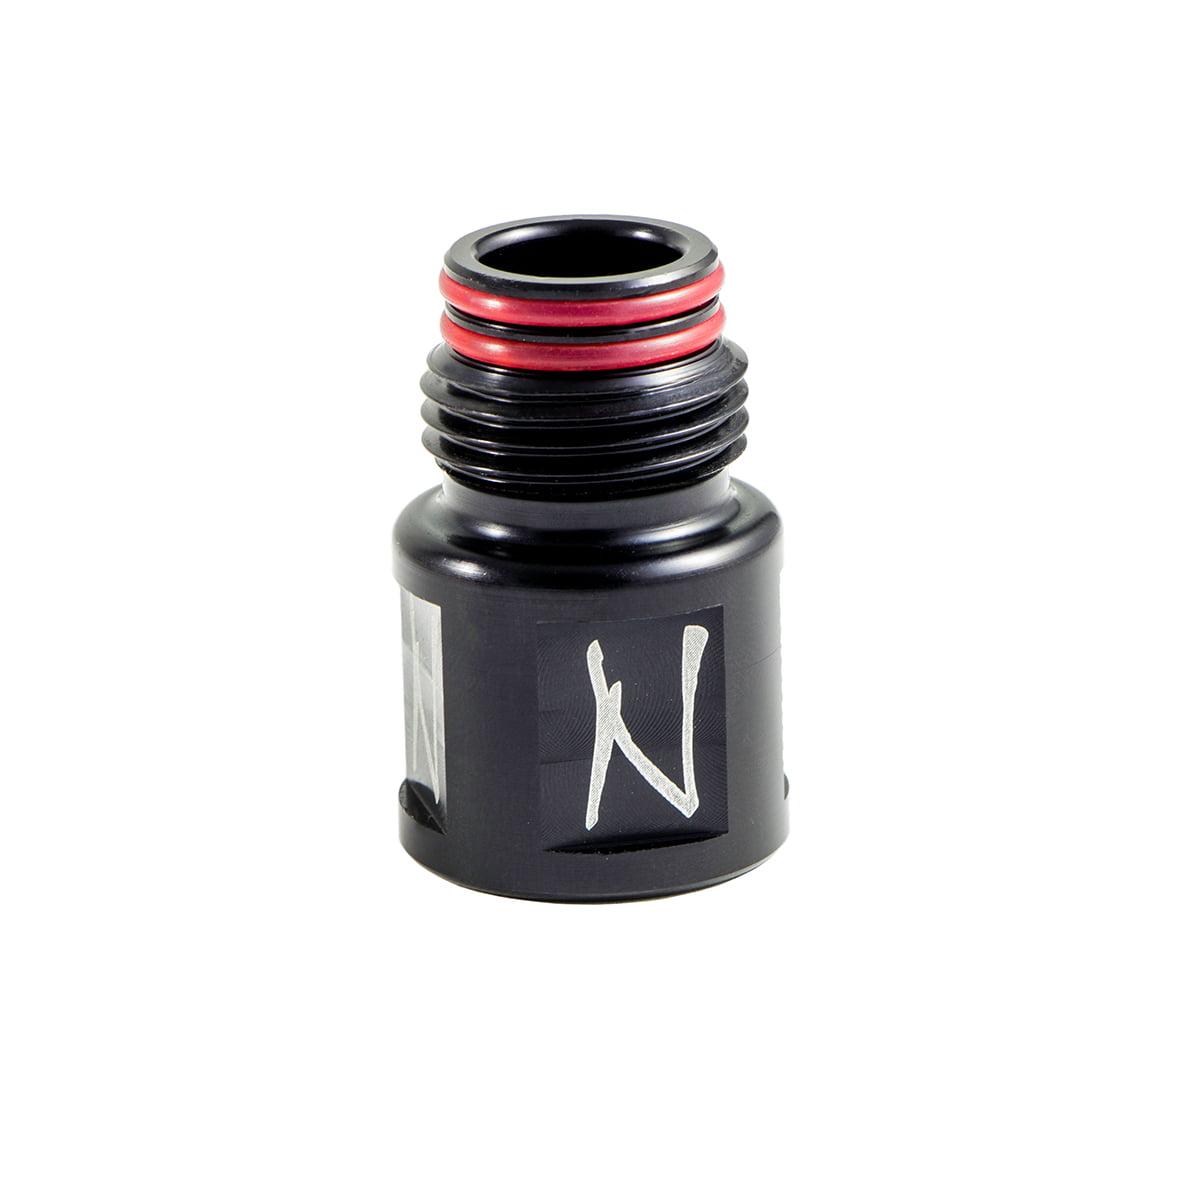 Ninja Paintball Reg Extender Black by Ninja Paintball